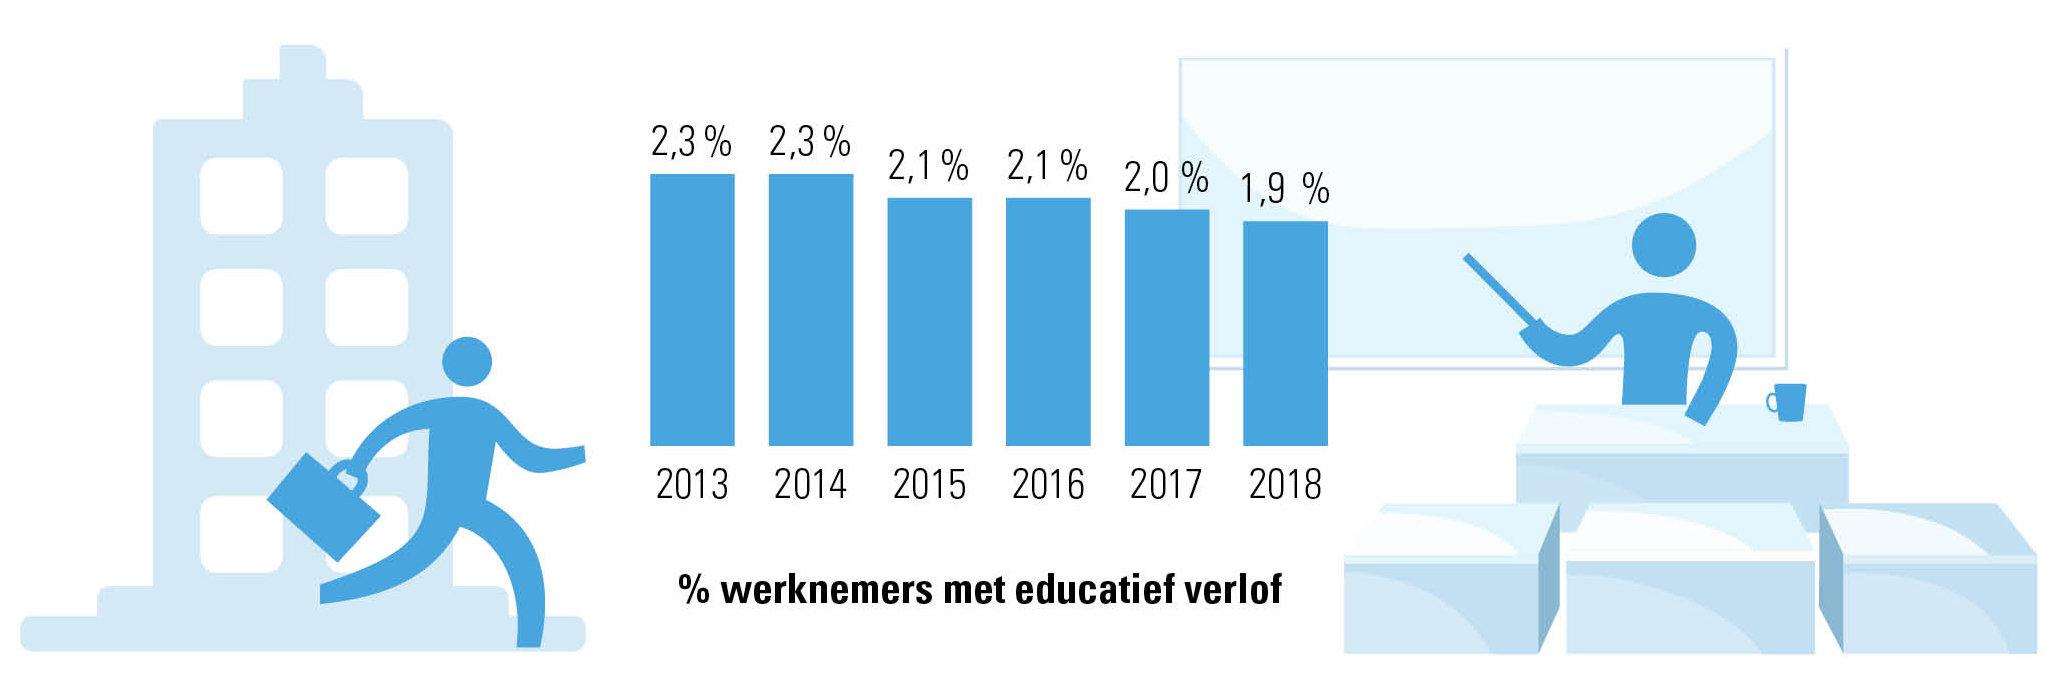 % Belgische werknemers dat betaald educatief verlof opneemt